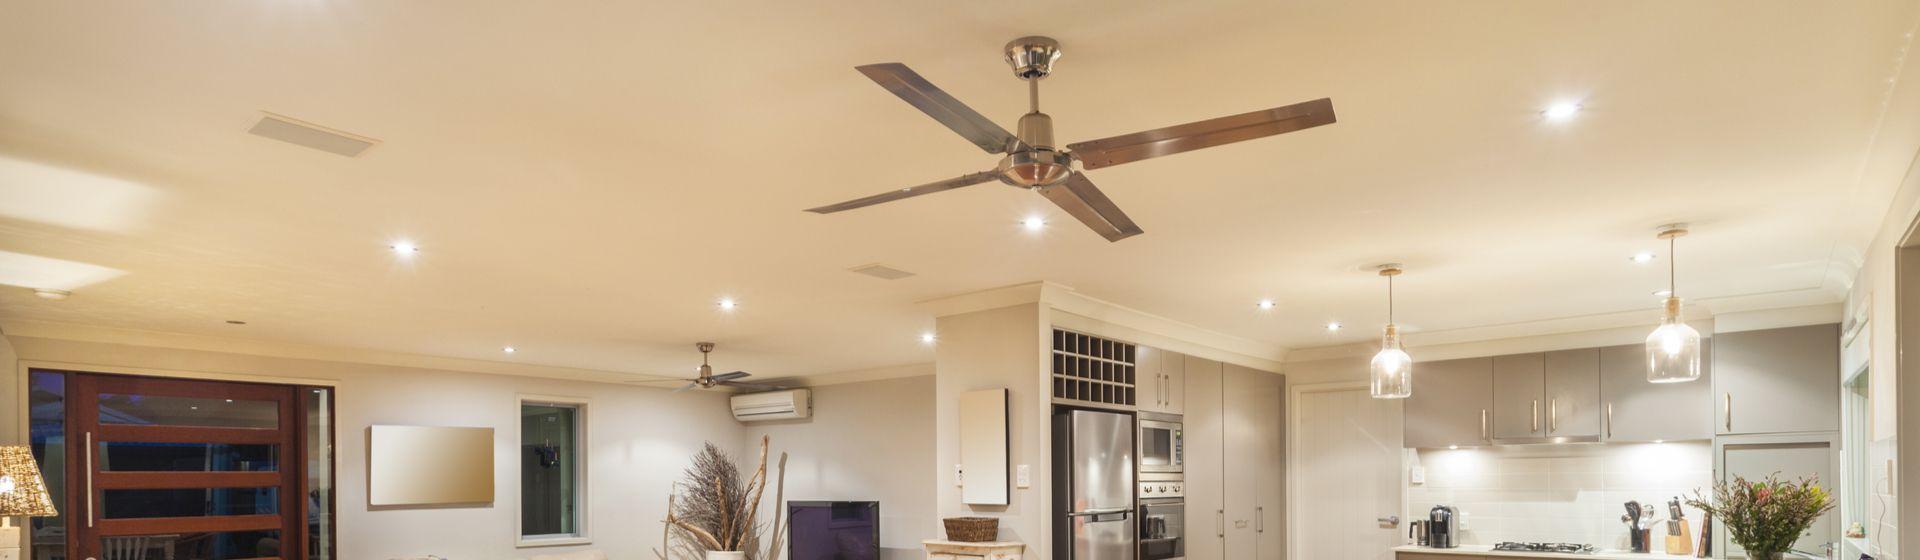 Melhores ventiladores de teto: confira 14 opções para comprar em 2021